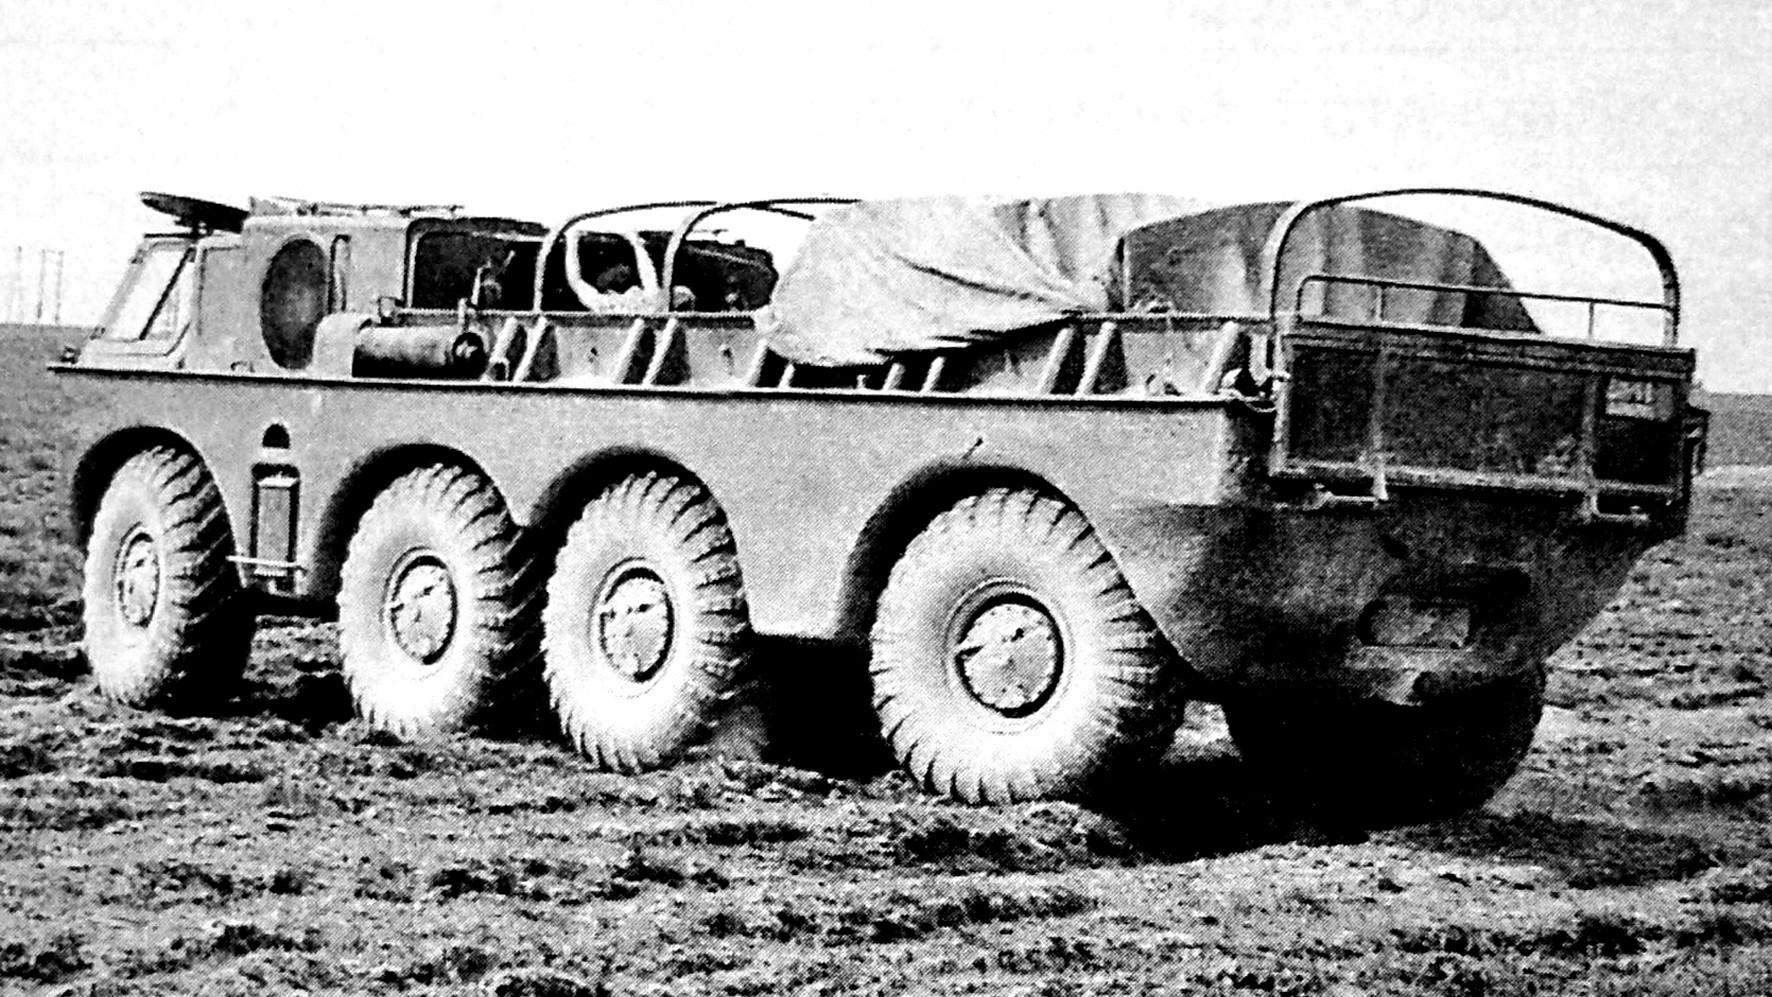 Удлиненный плавающий автомобиль ЗИЛ-135Б на заводских испытаниях